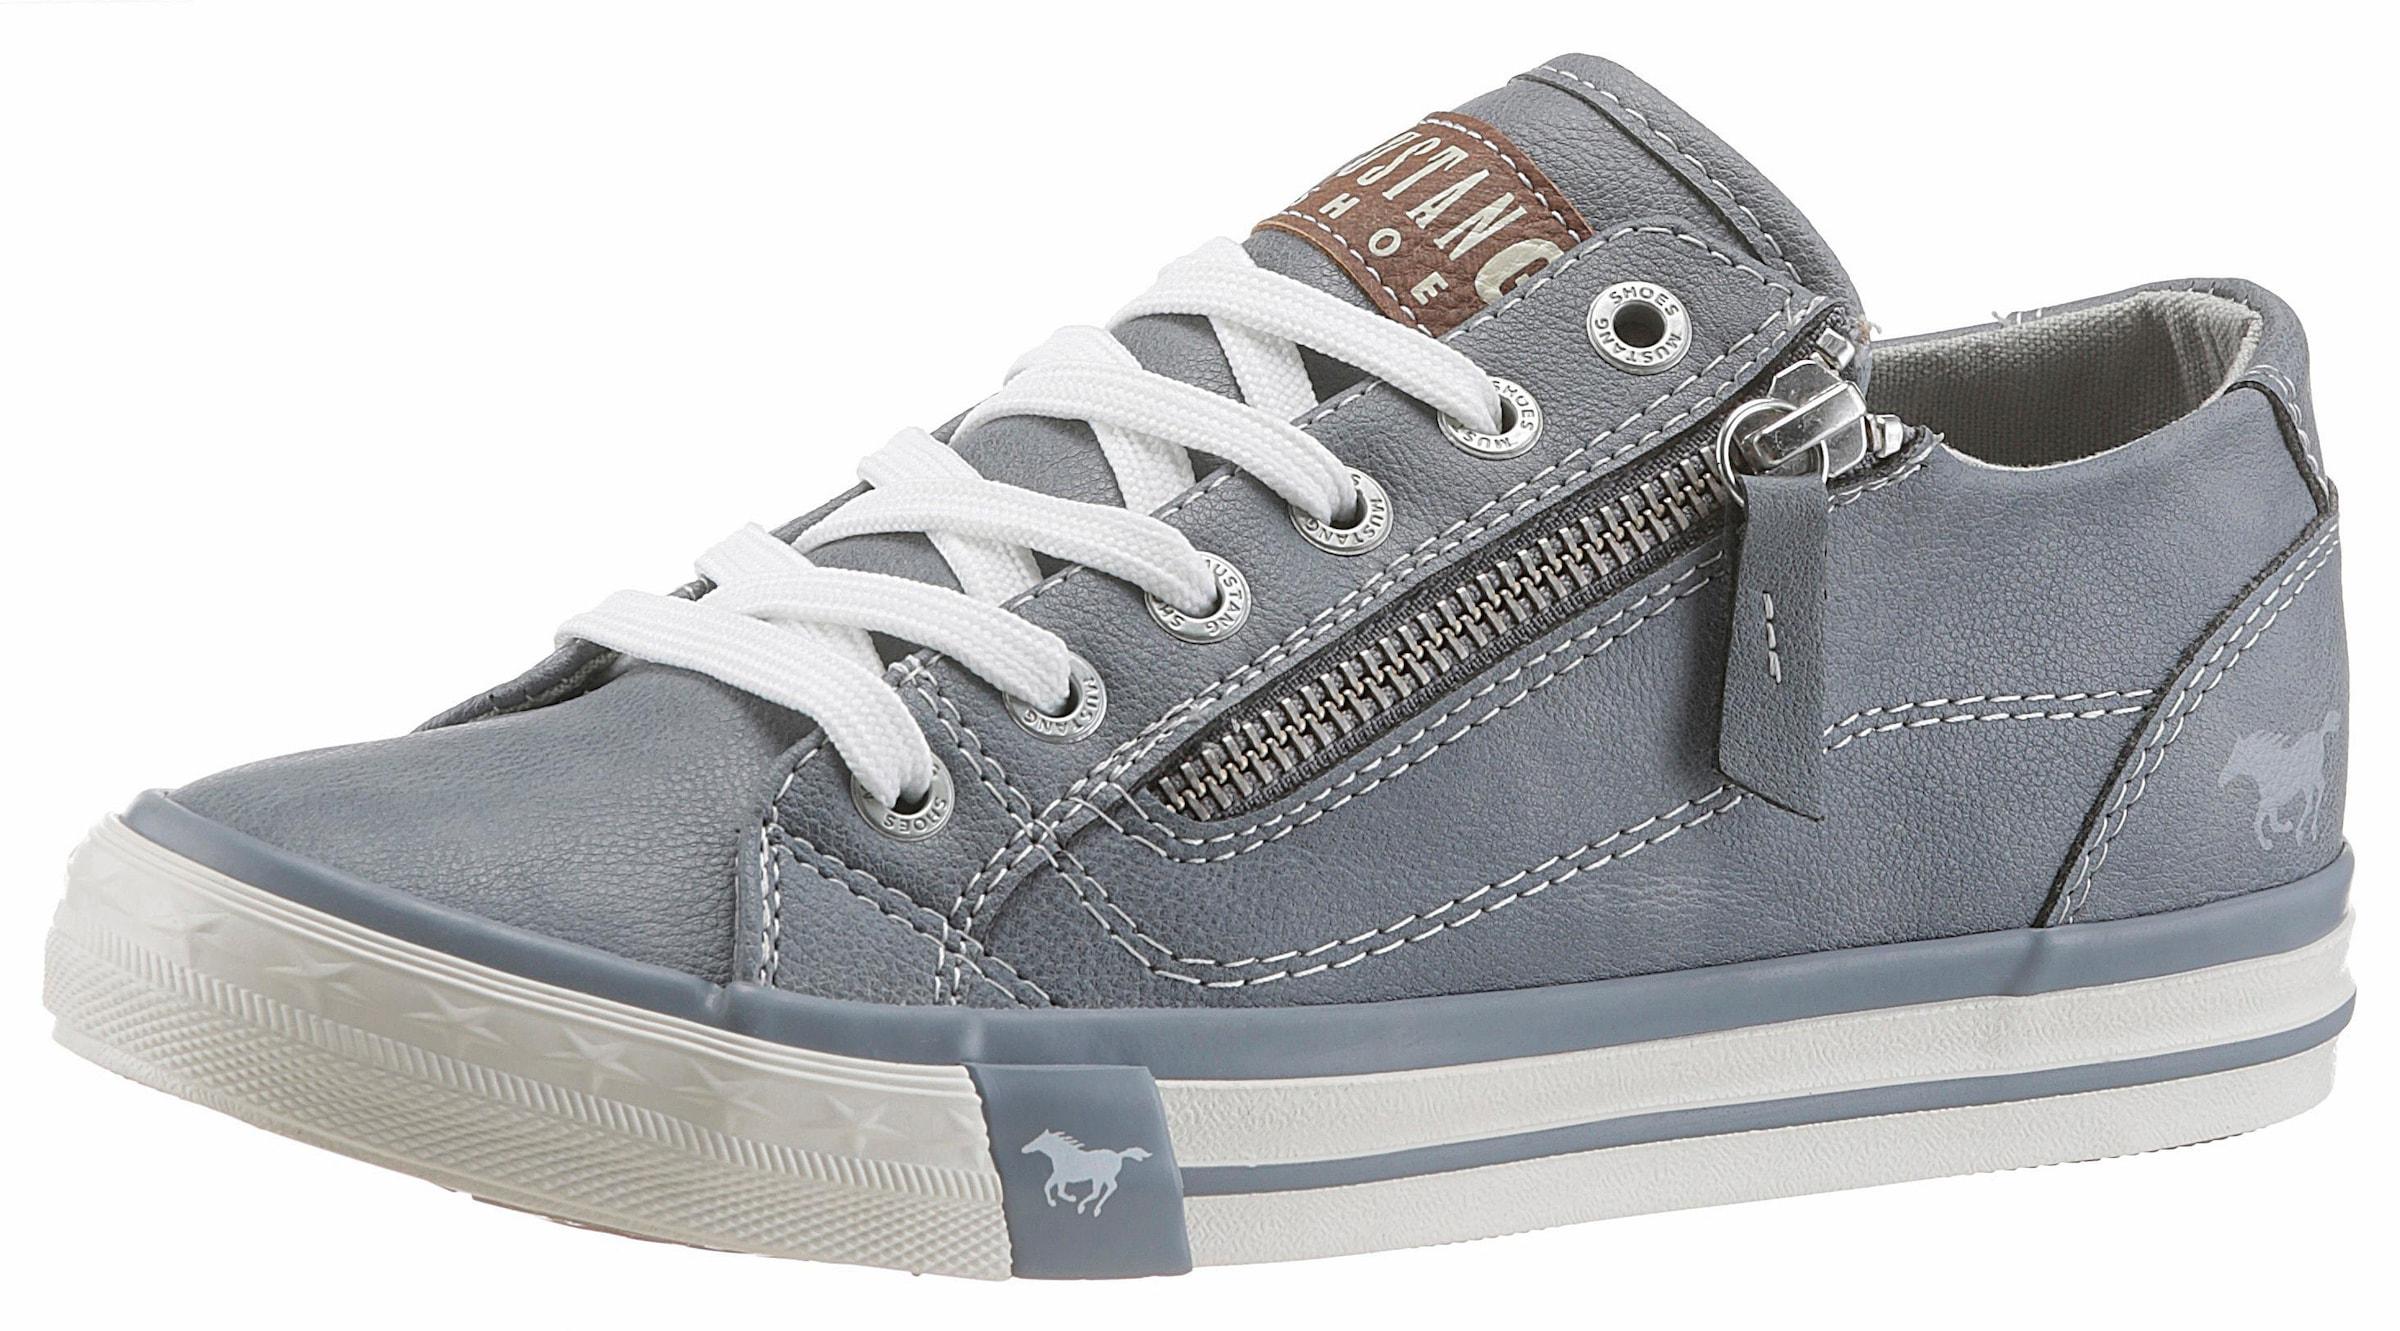 MUSTANG SHOES Damen Sneakers Slipper Schuhe Schnürhalbschuh Beige